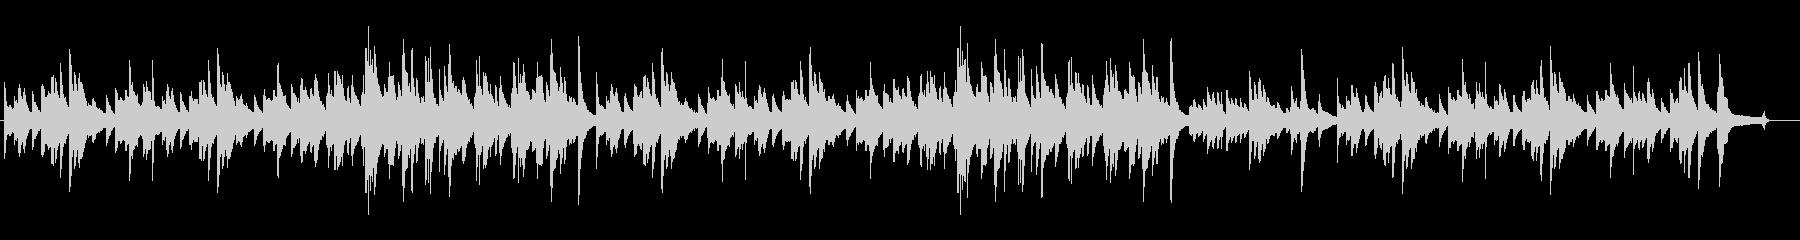 ピアノソロ 切ない感動的なバラードの未再生の波形